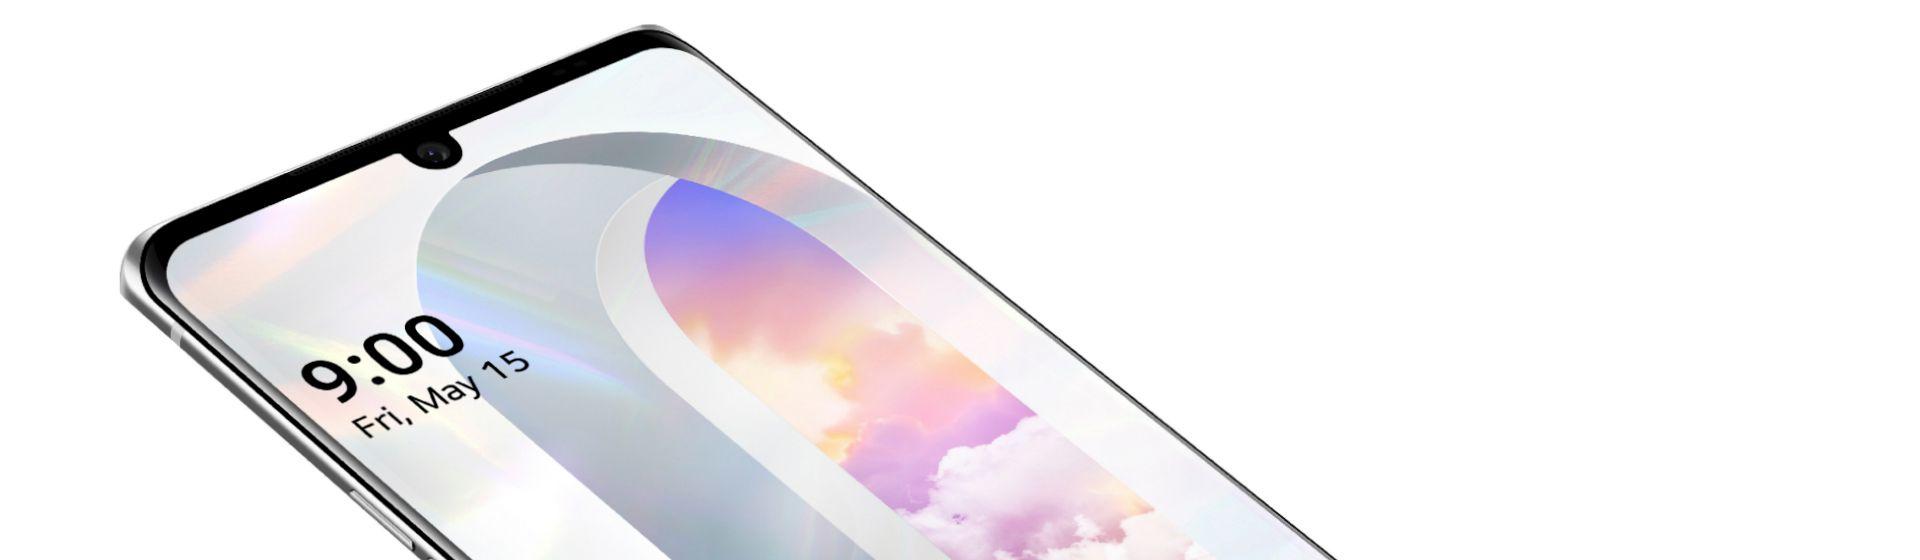 LG Velvet: conheça preço e detalhes do lançamento do novo smartphone